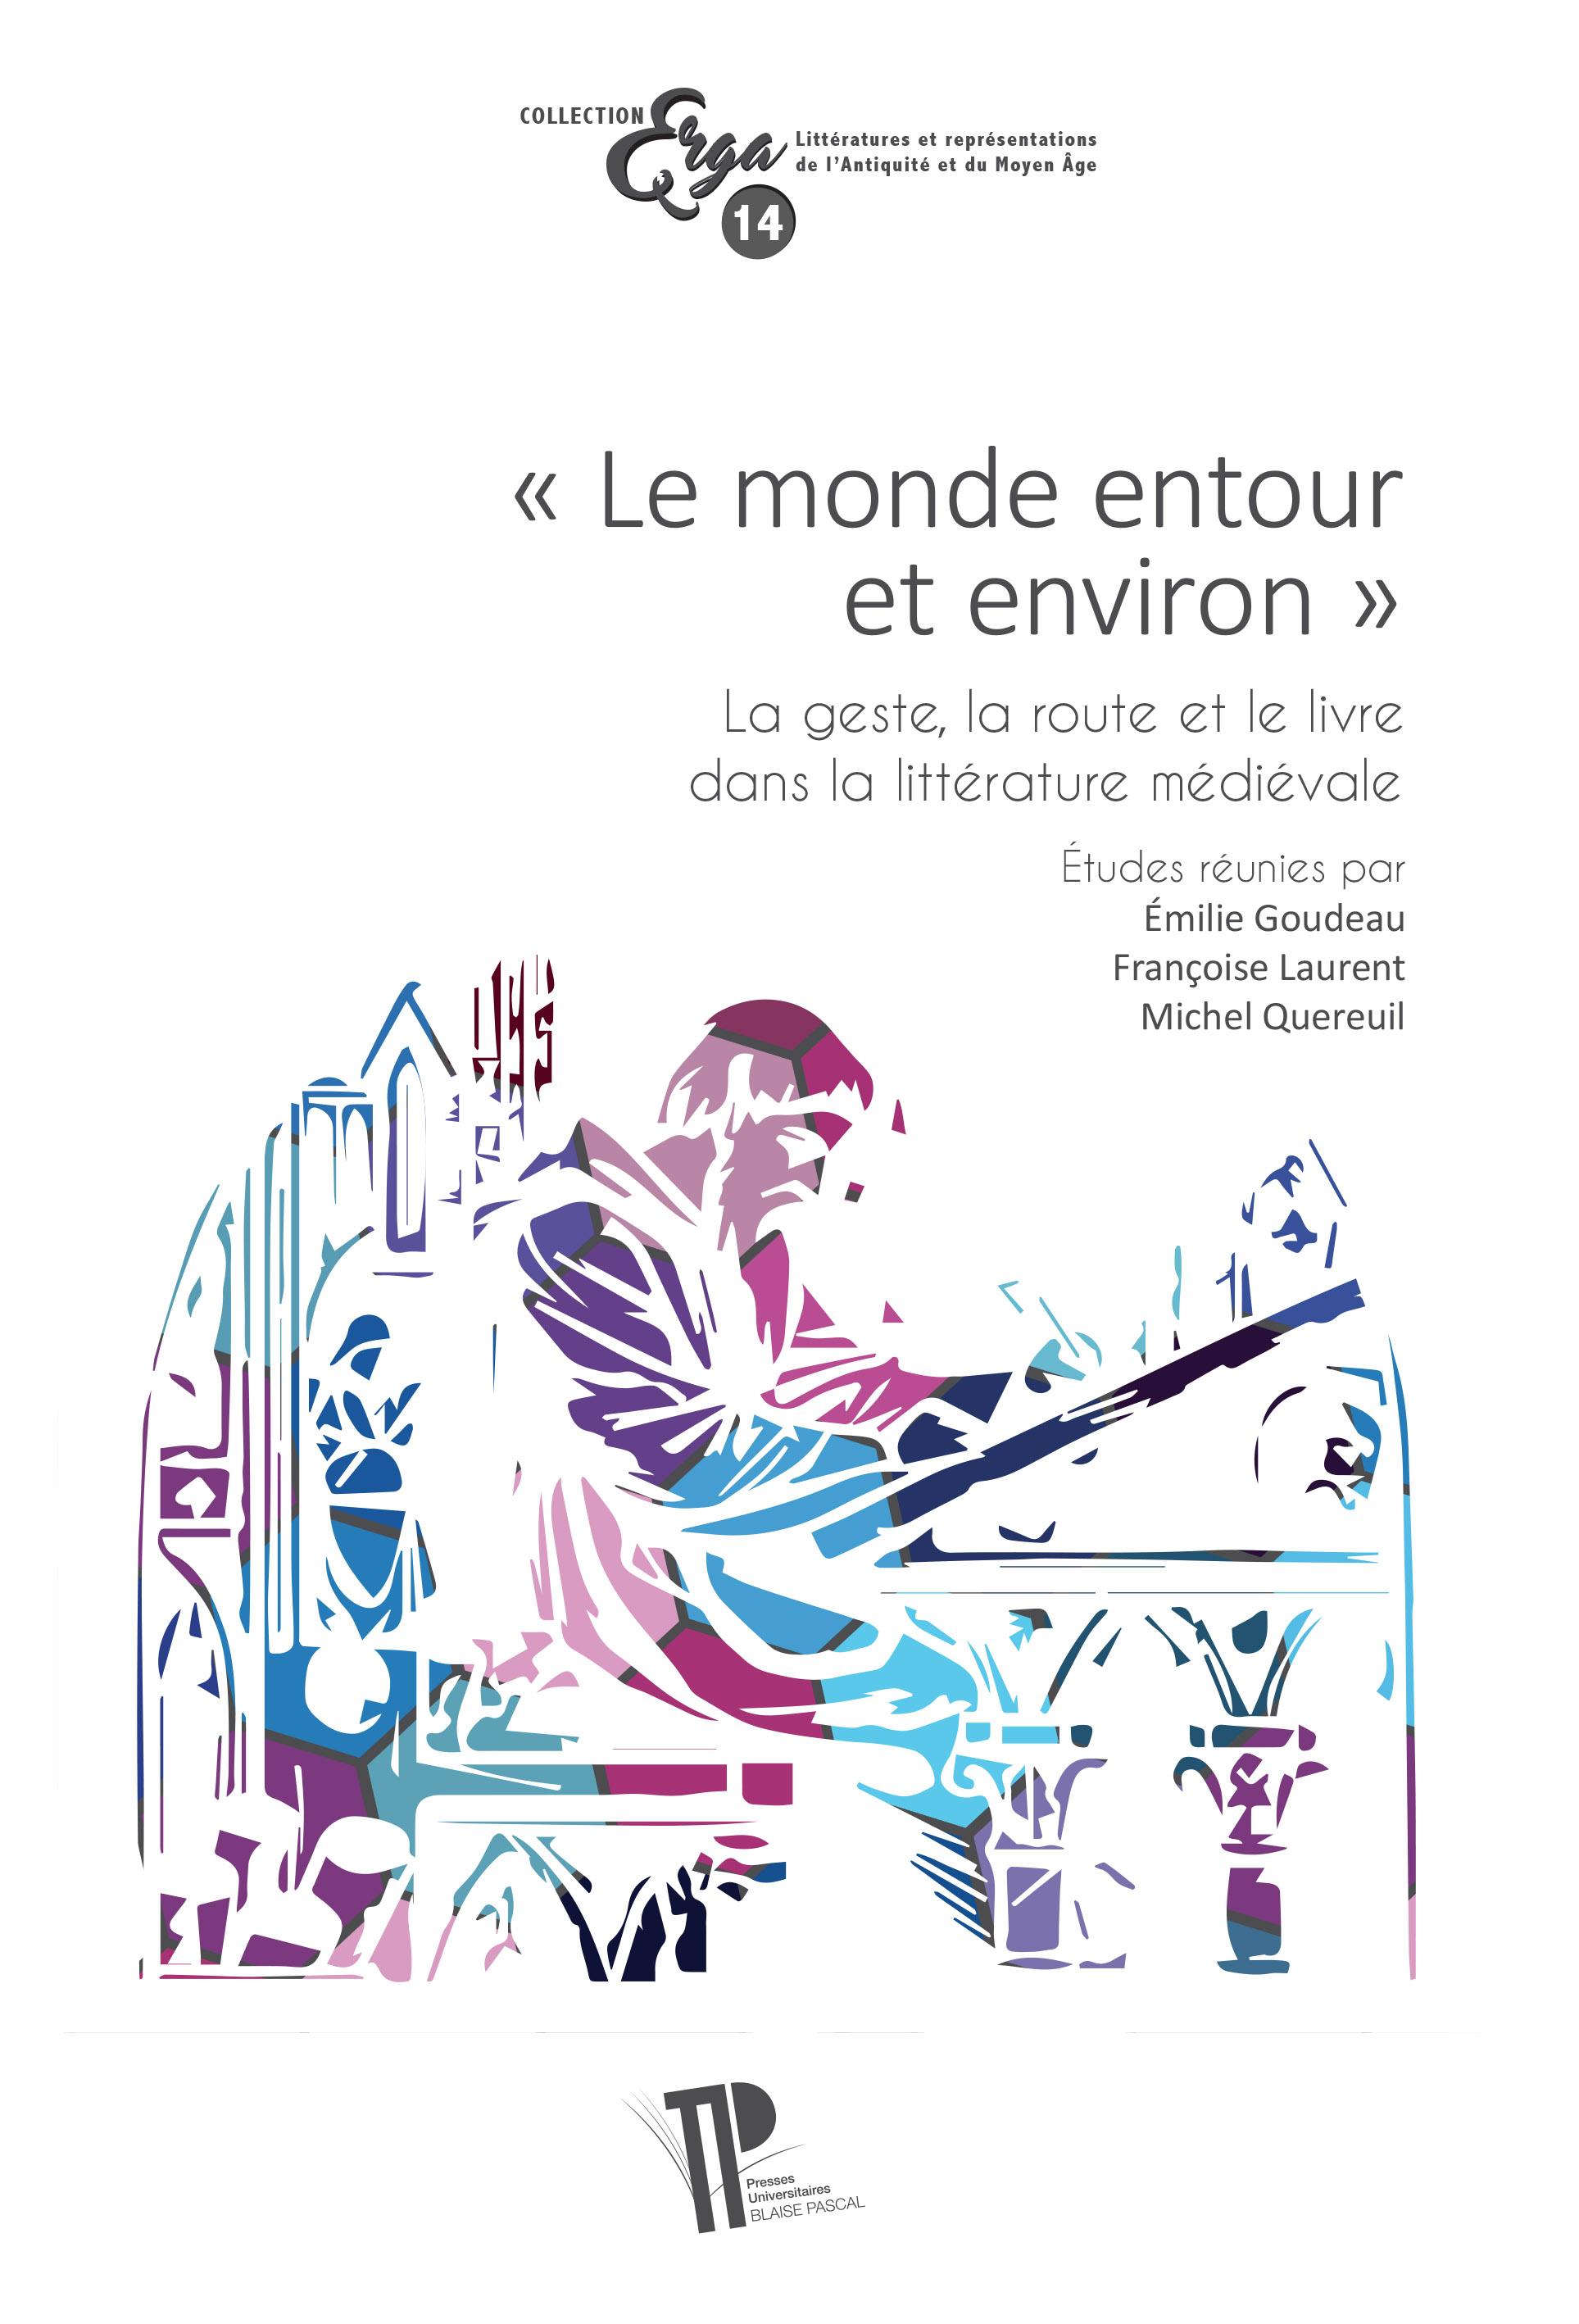 É. Goudeau, F. Laurent, M. Quereuil (dir.), Le monde entour et environ